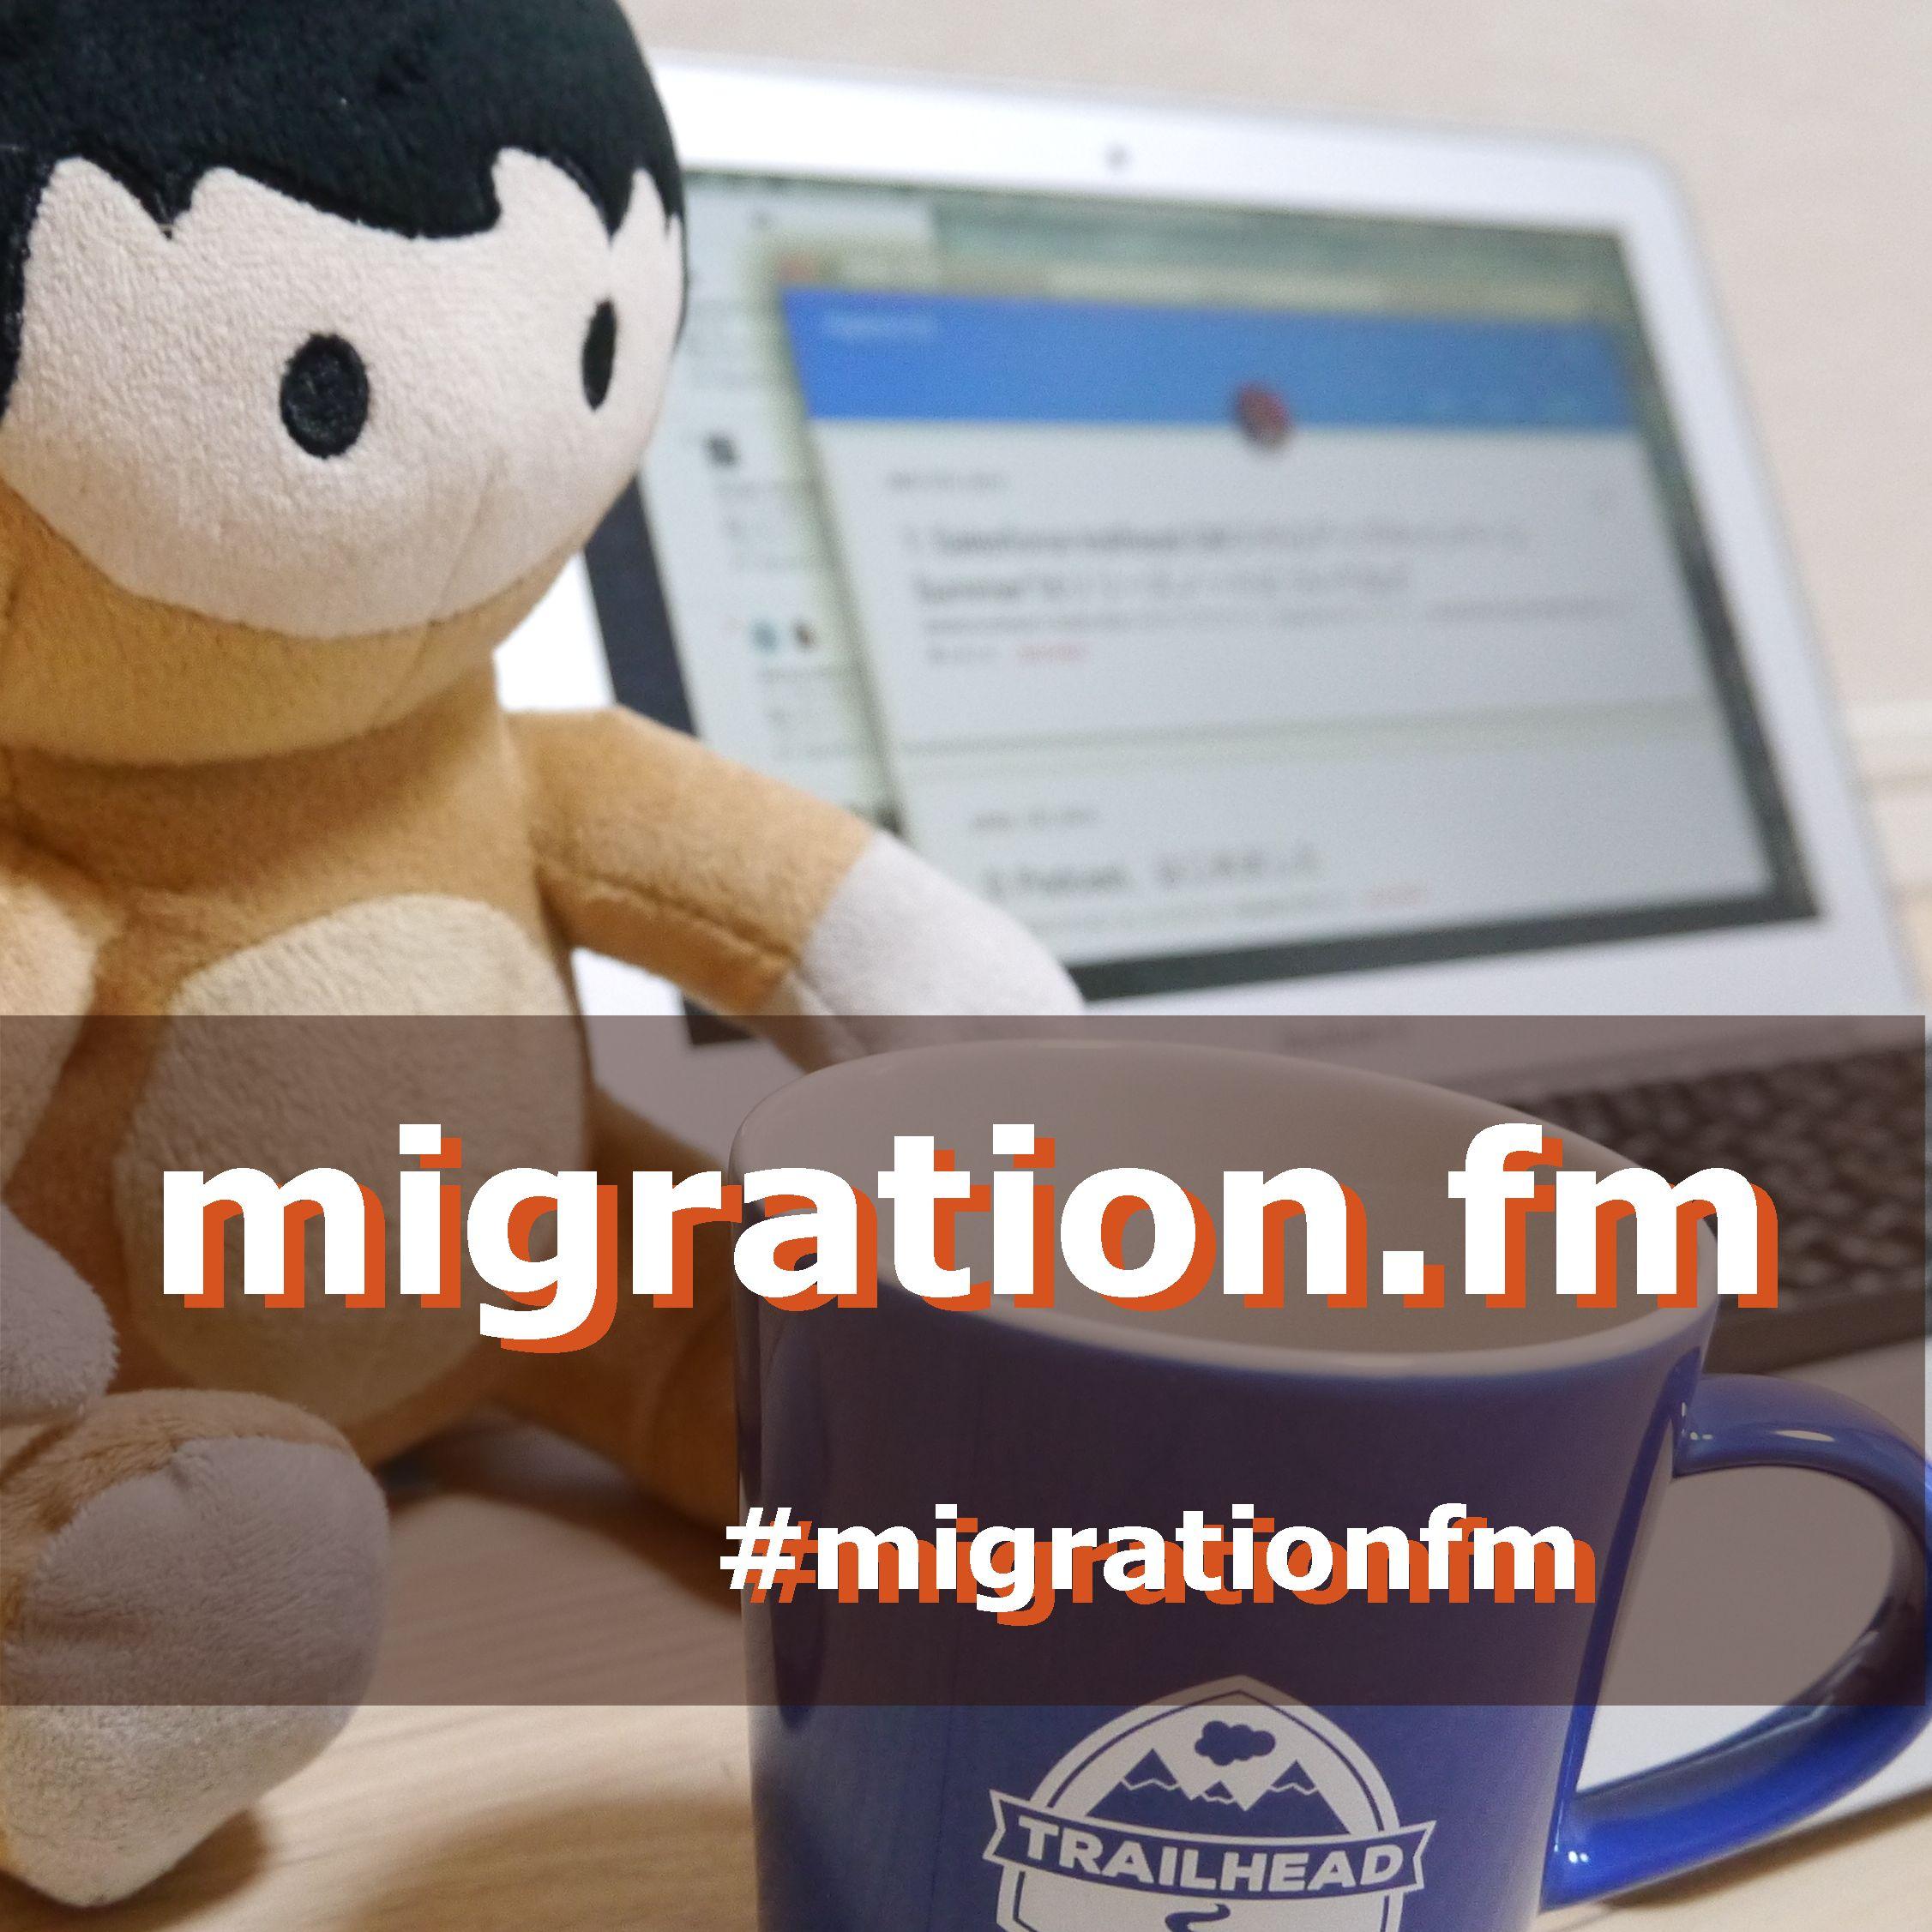 Migration.fm